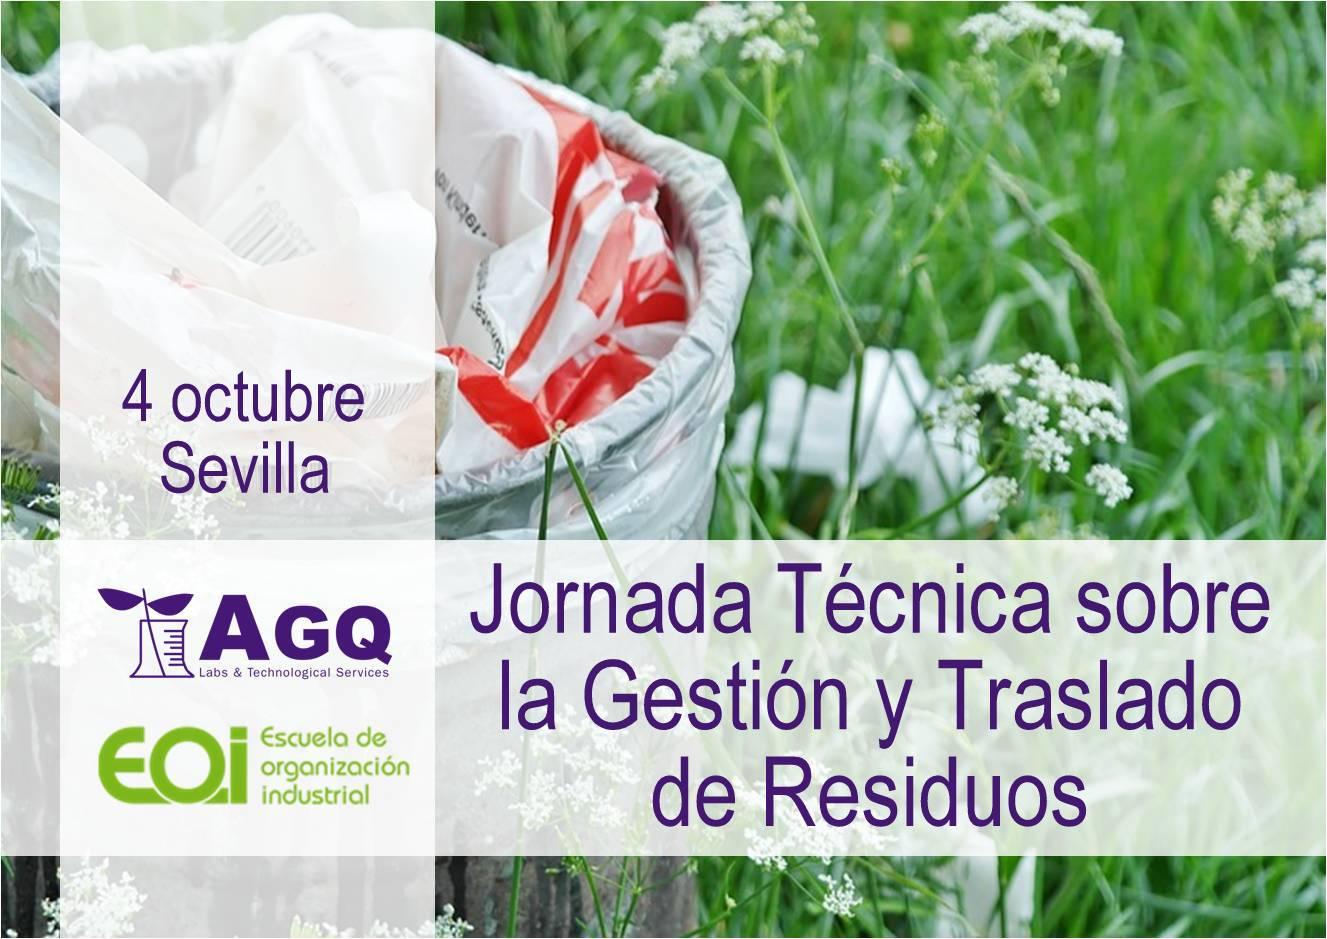 jornada técnica sobre la gestión y traslado de residuos